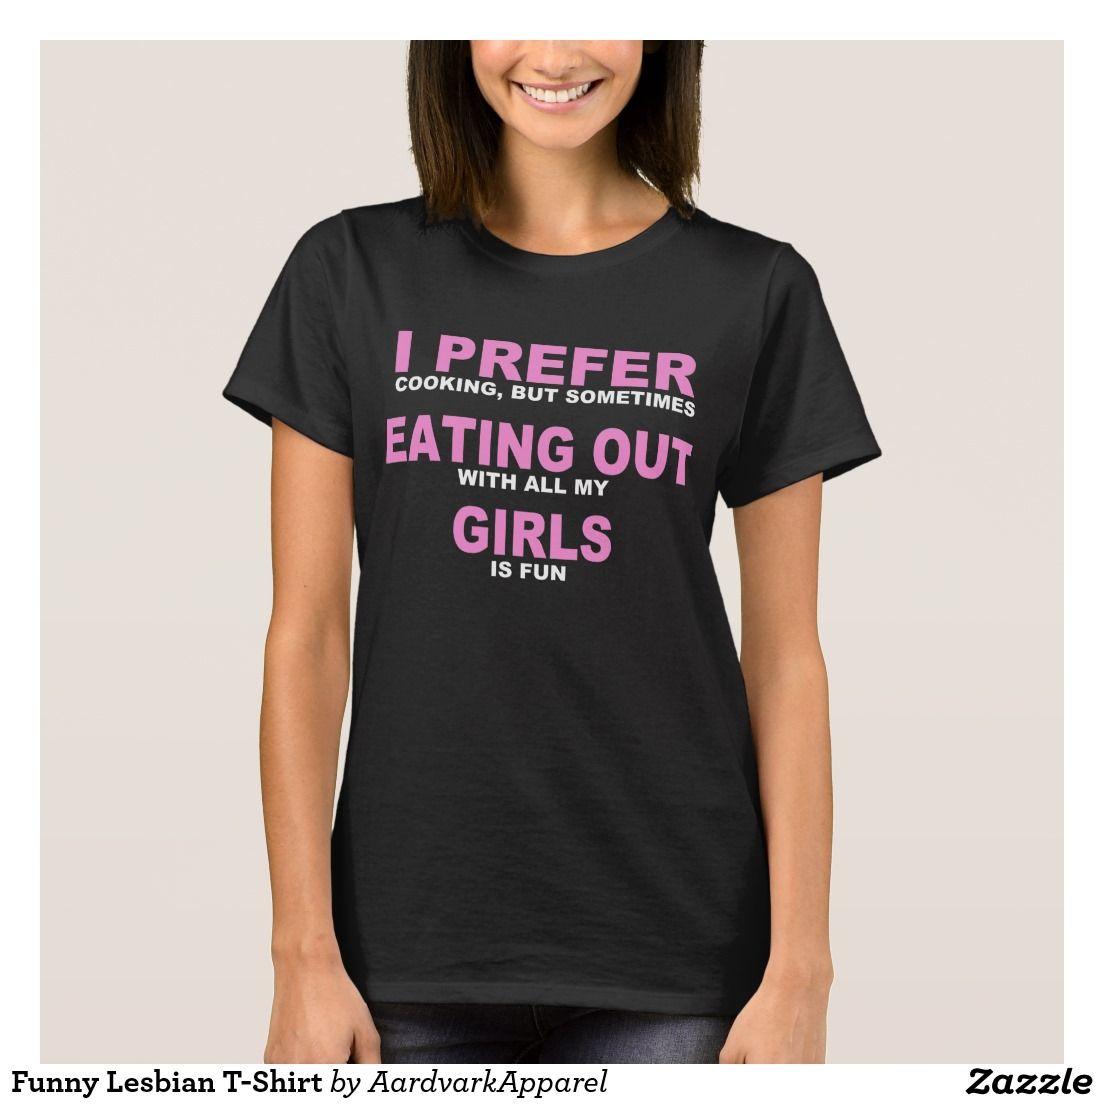 Funny Lesbian T-Shirt #funny #lesbian #t-shirt #joke #jokes #humor ...